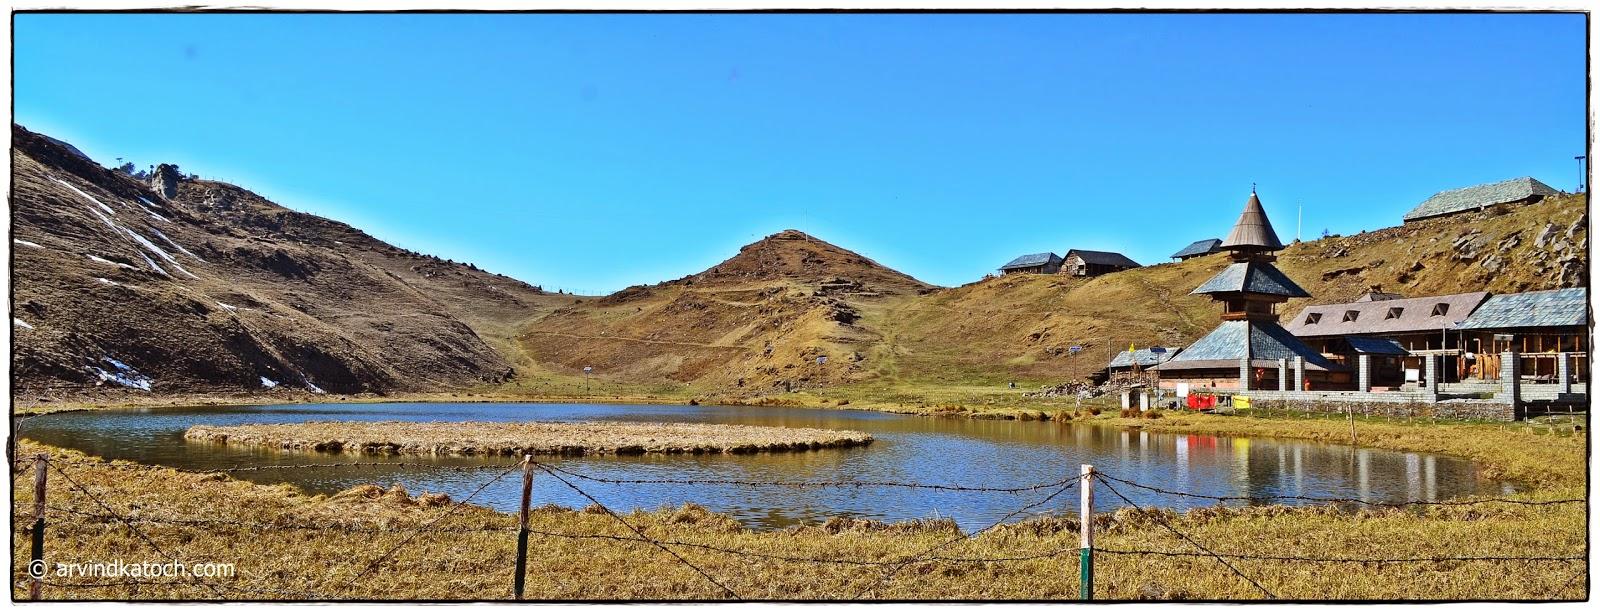 Prashar lake, Prashar Rishi, Floating island, Mandi, Himachal Pradesh